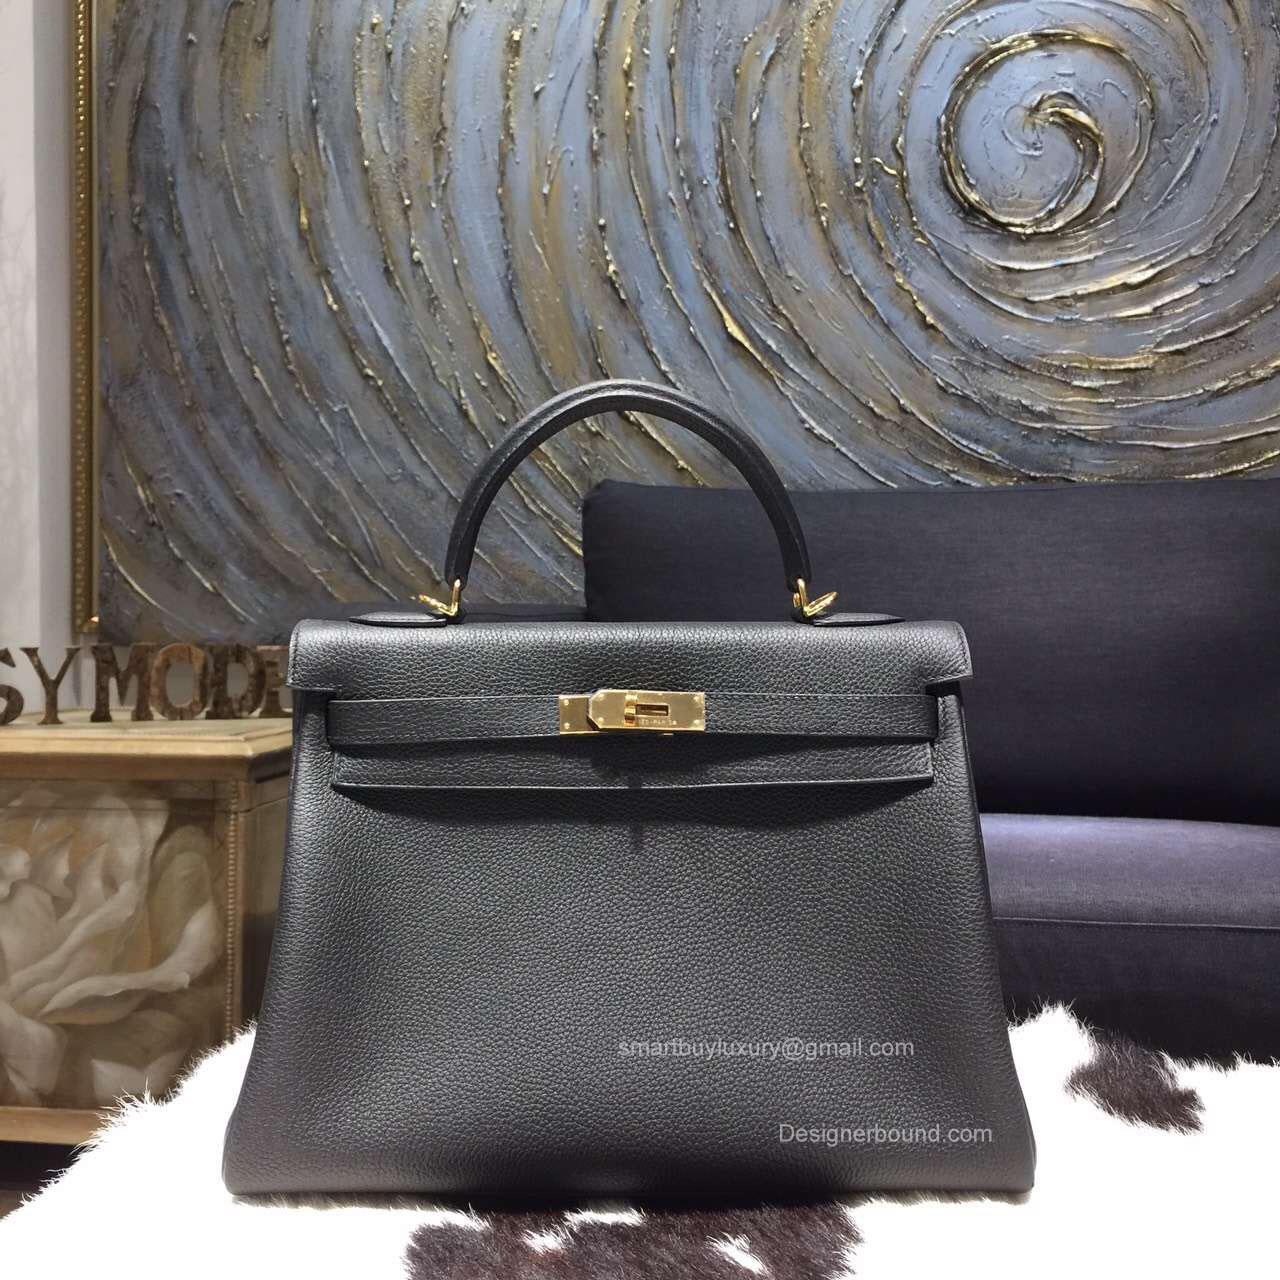 b65e4d4a68f0 Hermes Kelly 28 Bag Black Togo Leather Handstitched Gold hw -